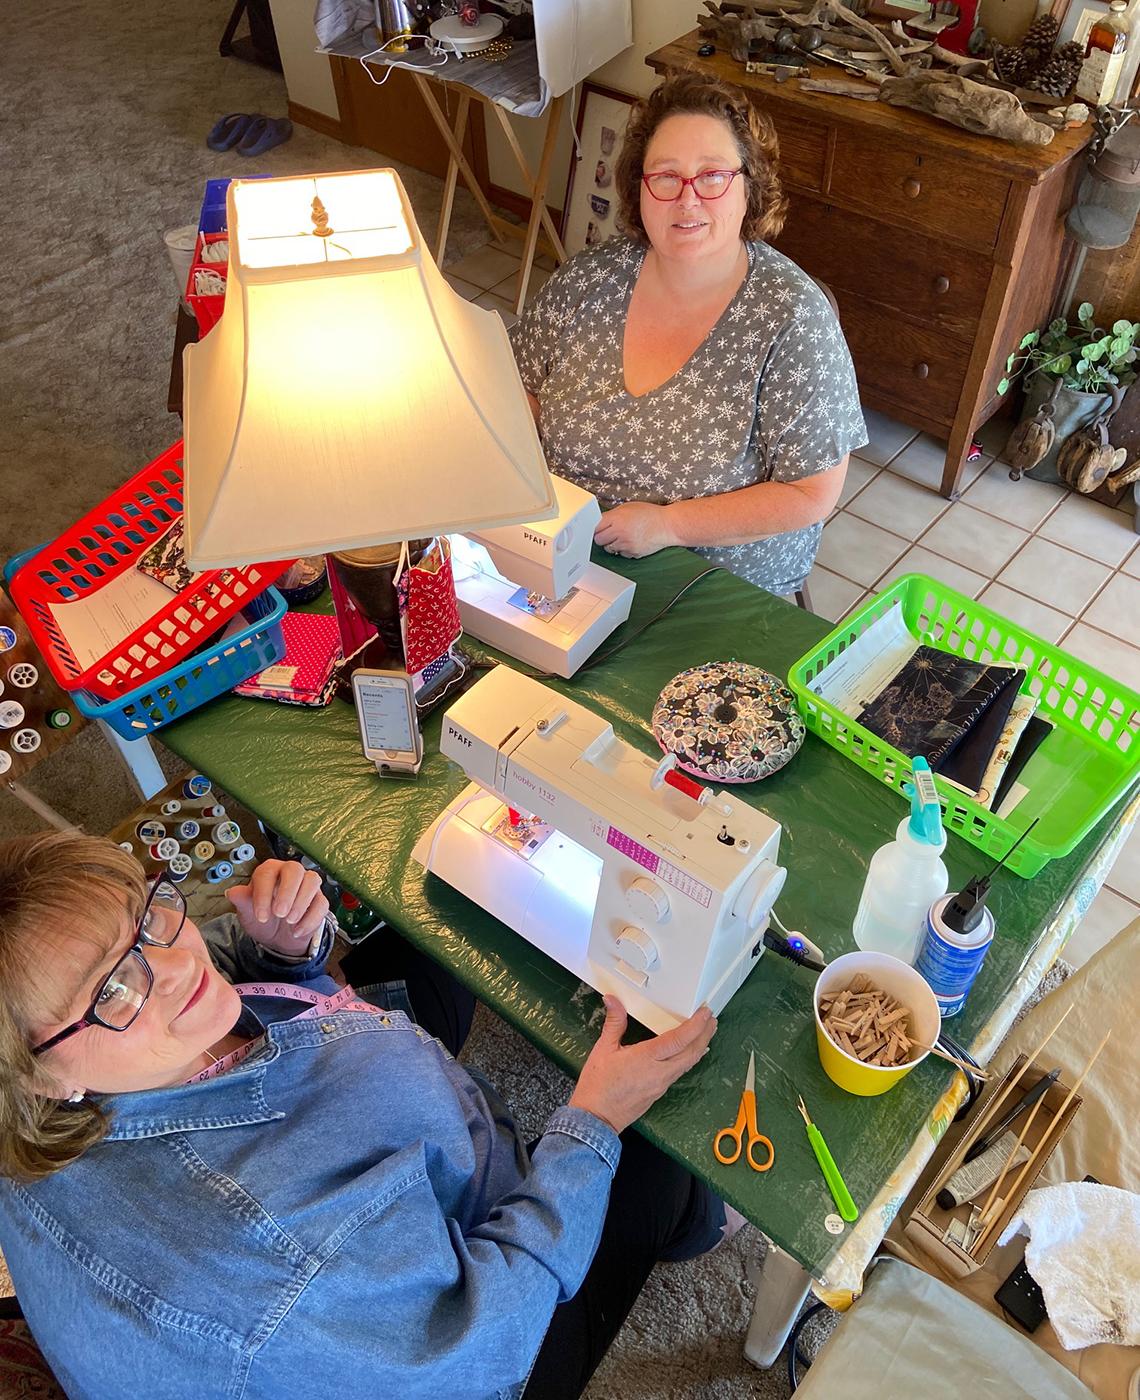 Becky Smith y su hermana Debbie Cobb sonríen mientras trabajan en sus máquinas de coser, en Diana, Texas.